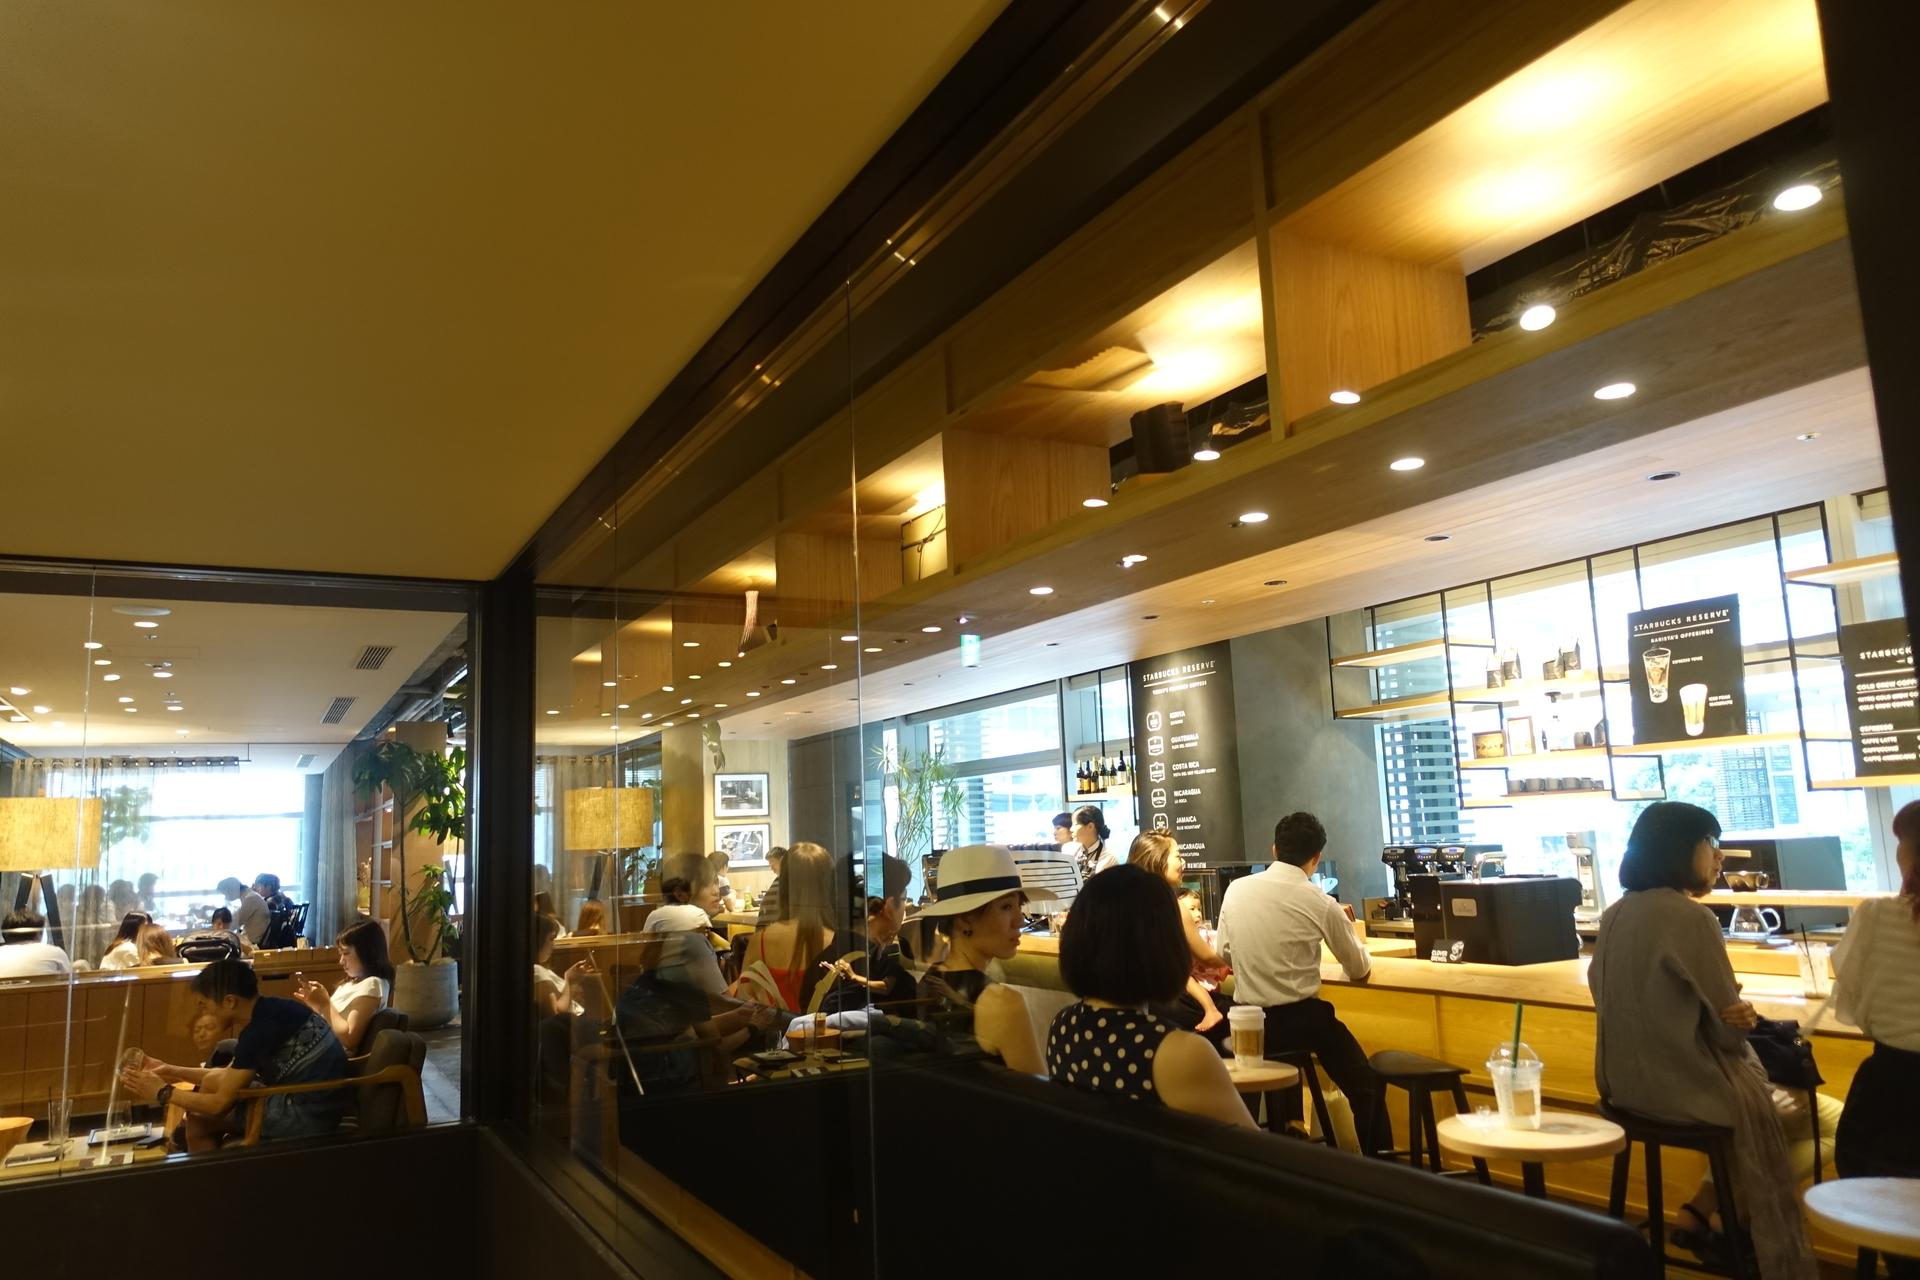 メニュー スタバ リザーブ スターバックスリザーブロースタリー東京に行ってきた!限定グッズがお土産に最適すぎる♡スターバックスリザーブロースタリー東京に行ってきた!限定グッズがお土産に最適すぎる♡|スターバックスパートナー